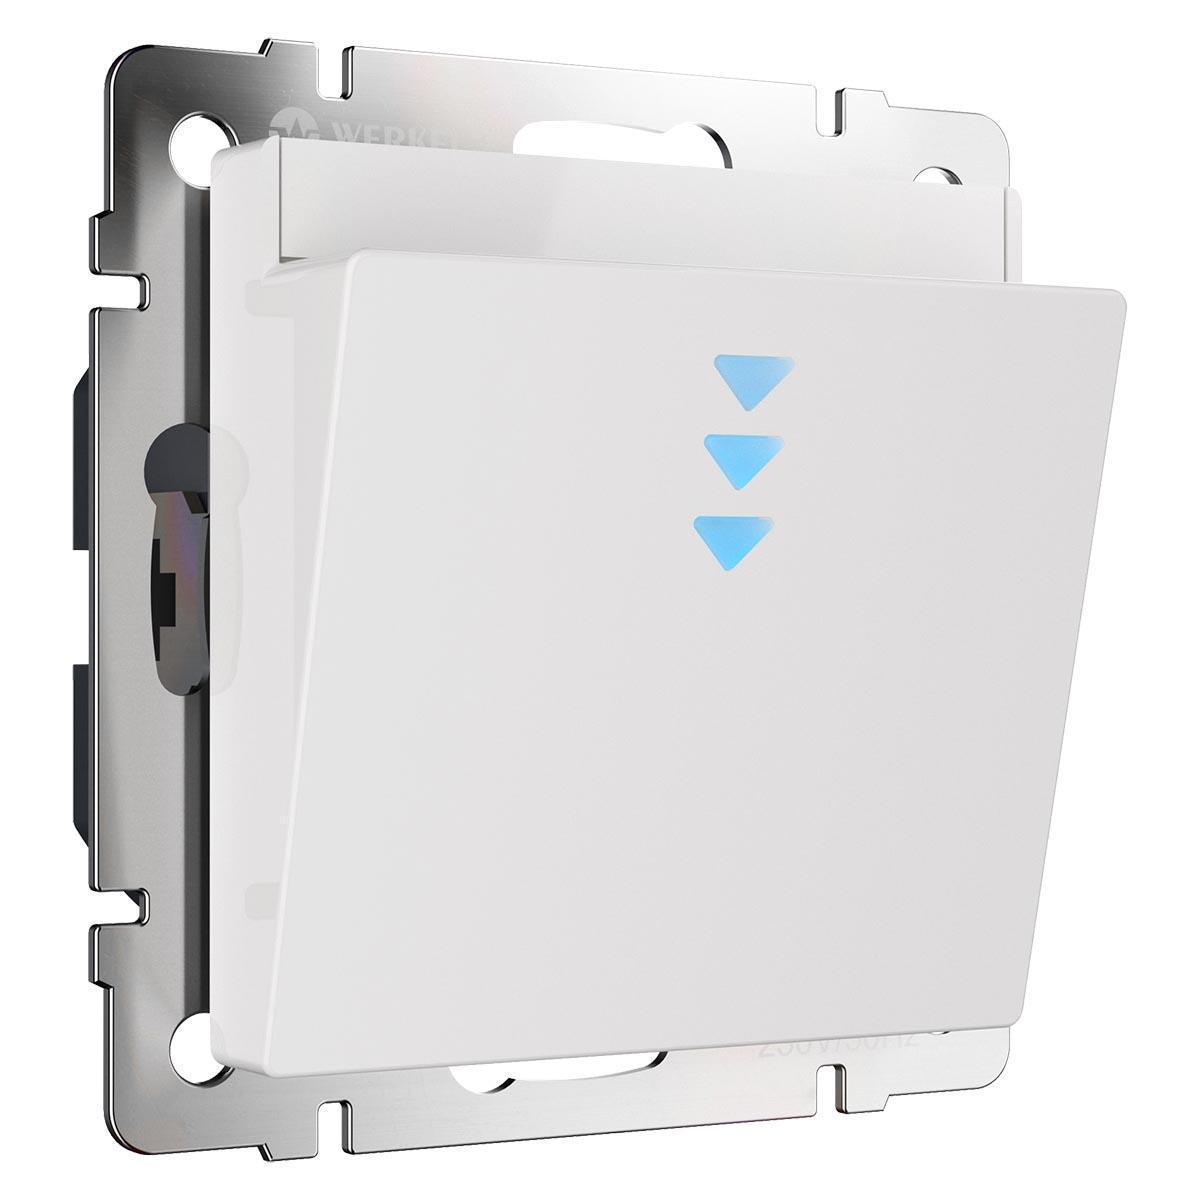 Выключатель карточный Werkel WL01-01-03 белый 4690389143465